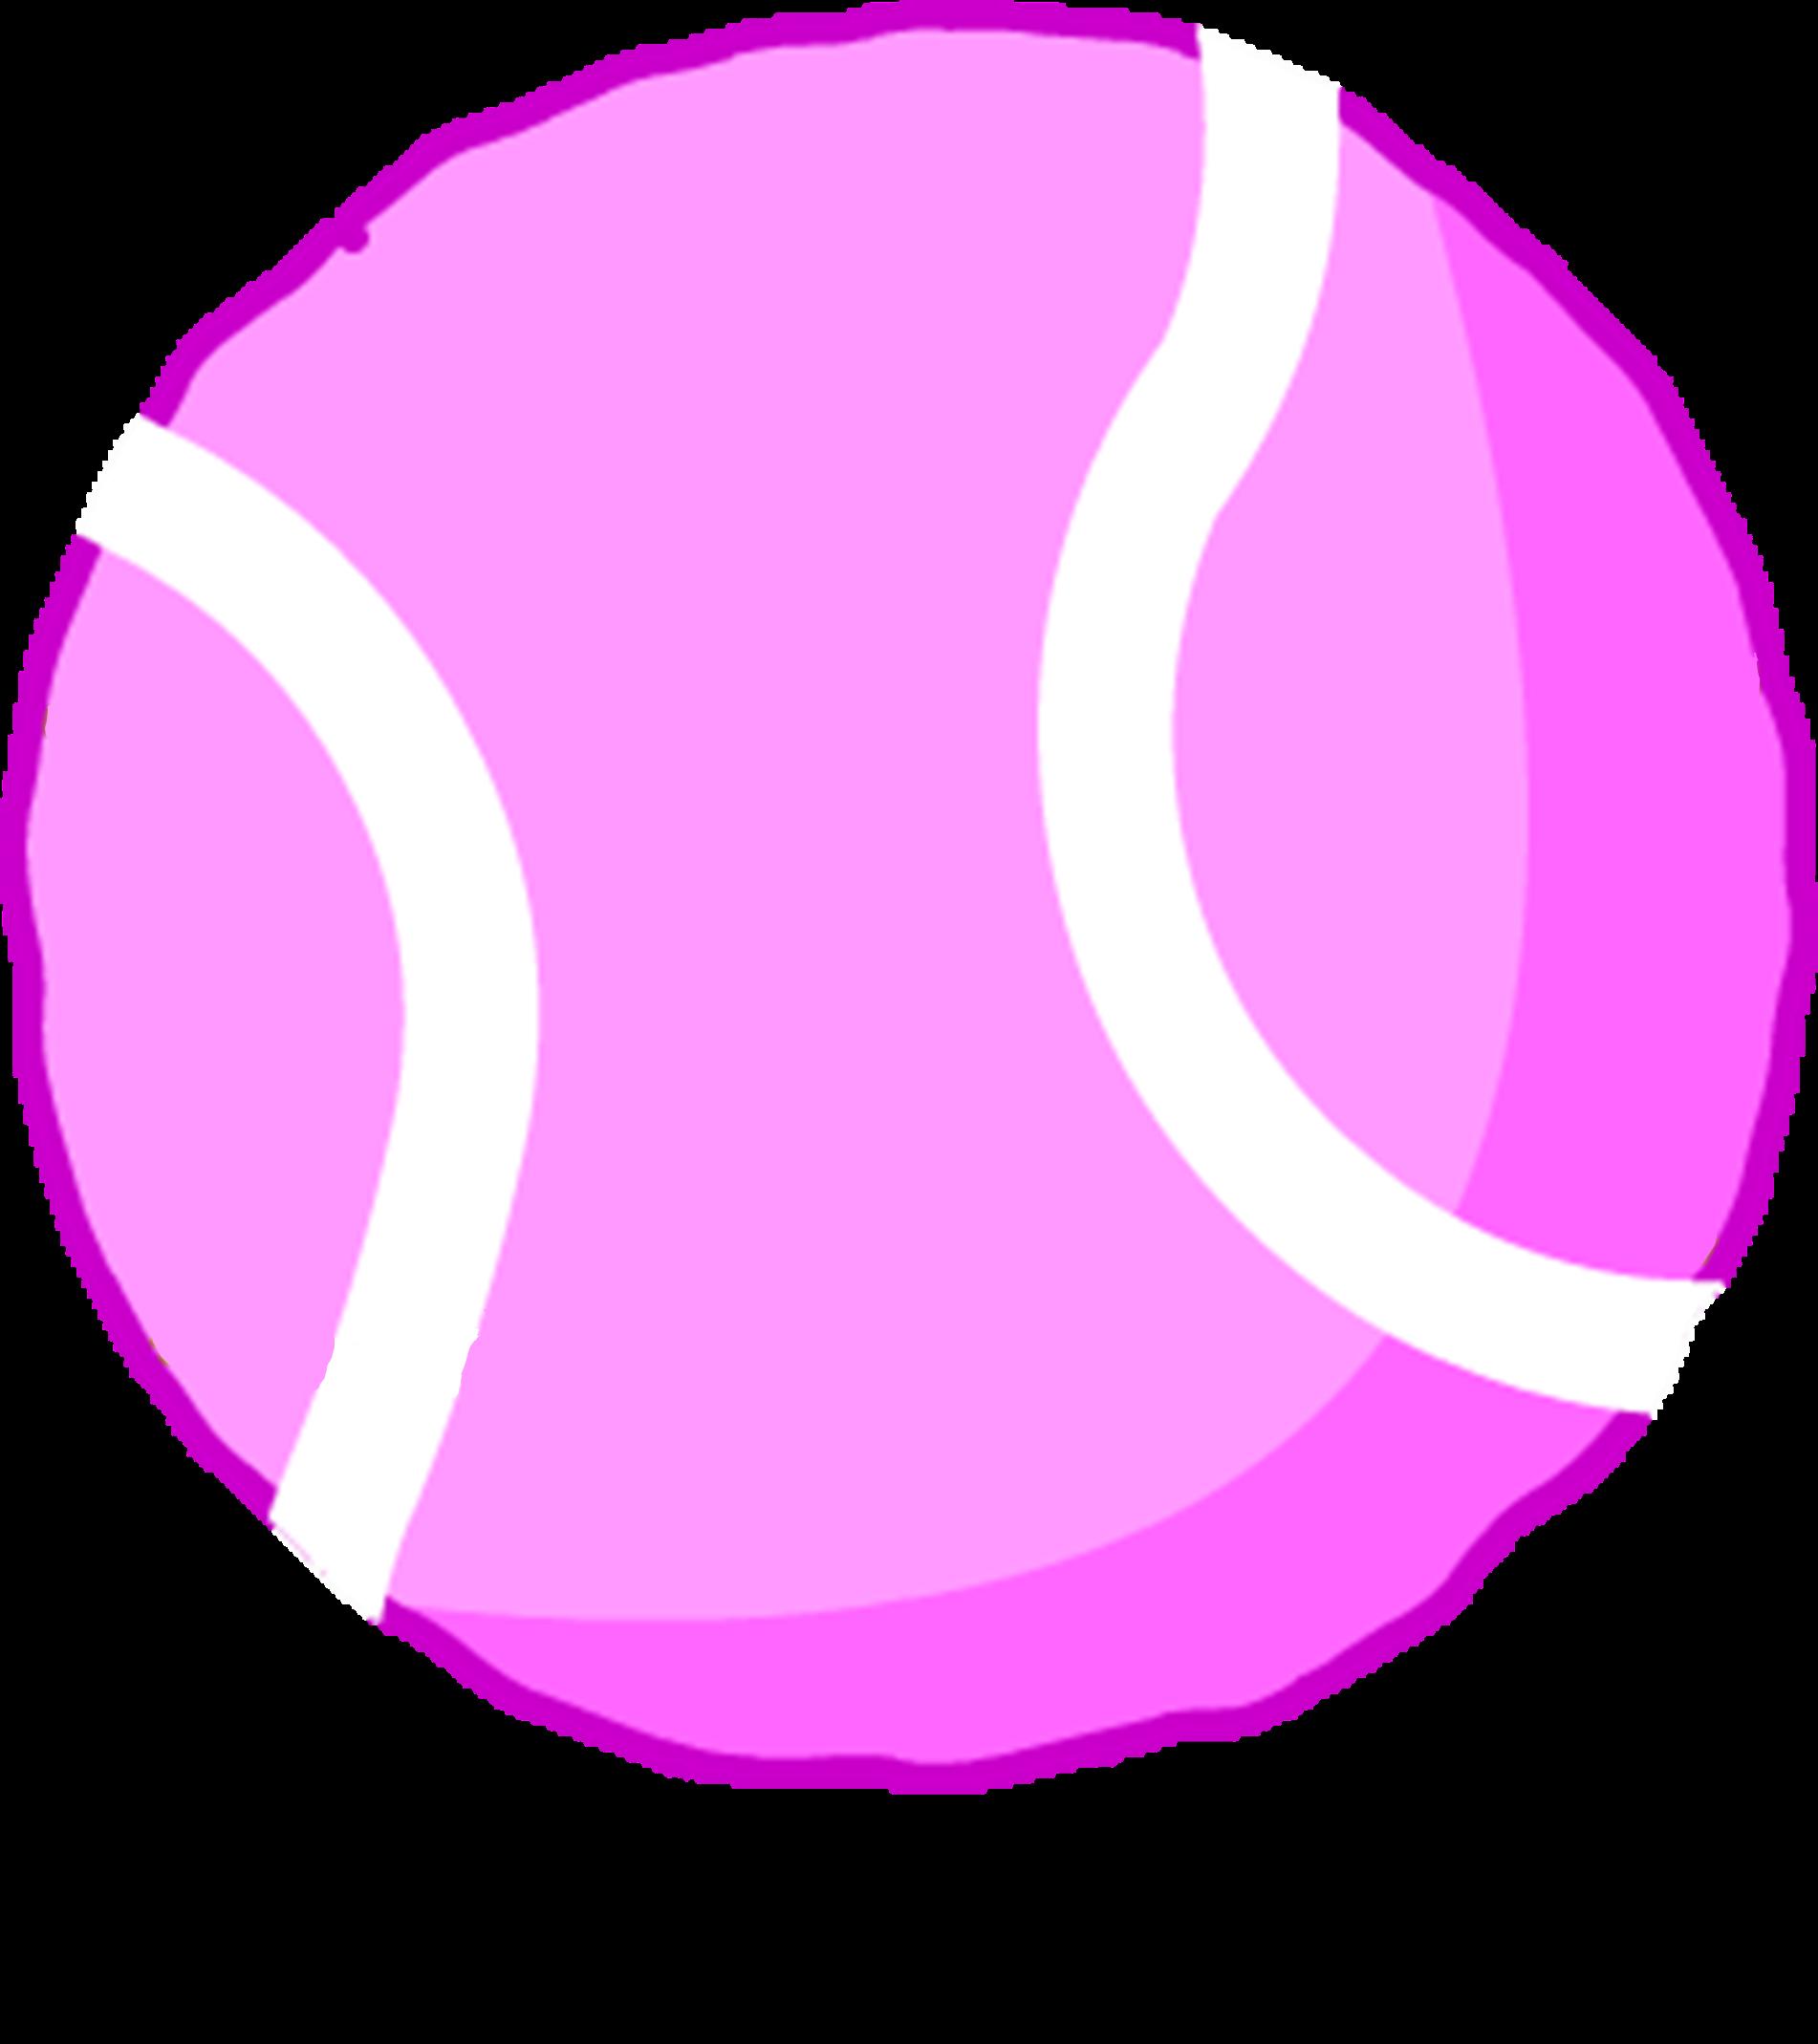 Eraser clipart big pink. Image tennis ball asset